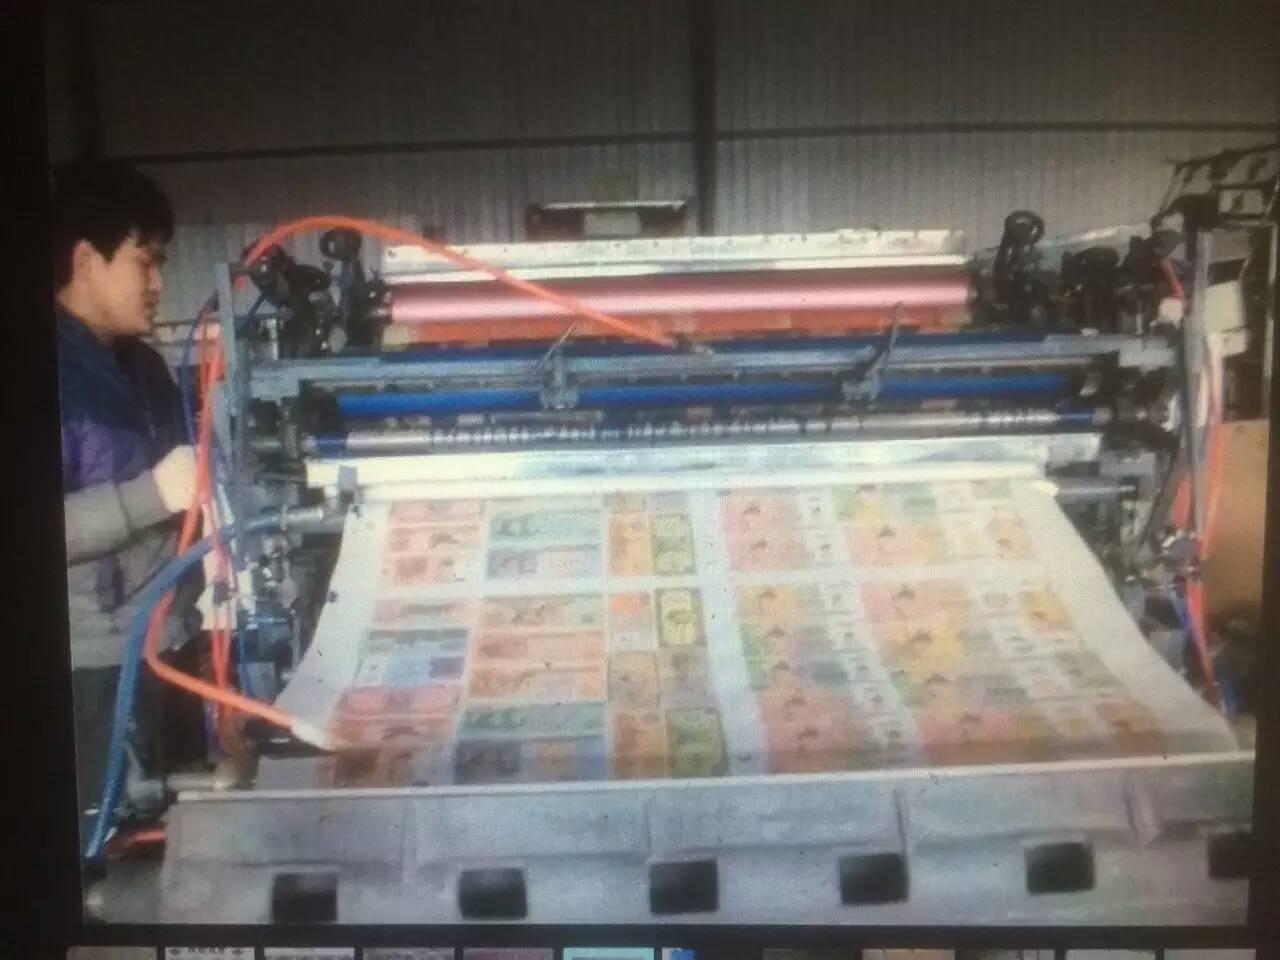 纸钱纸印刷机,纸钱纸印刷机价格,纸钱纸印刷机批发